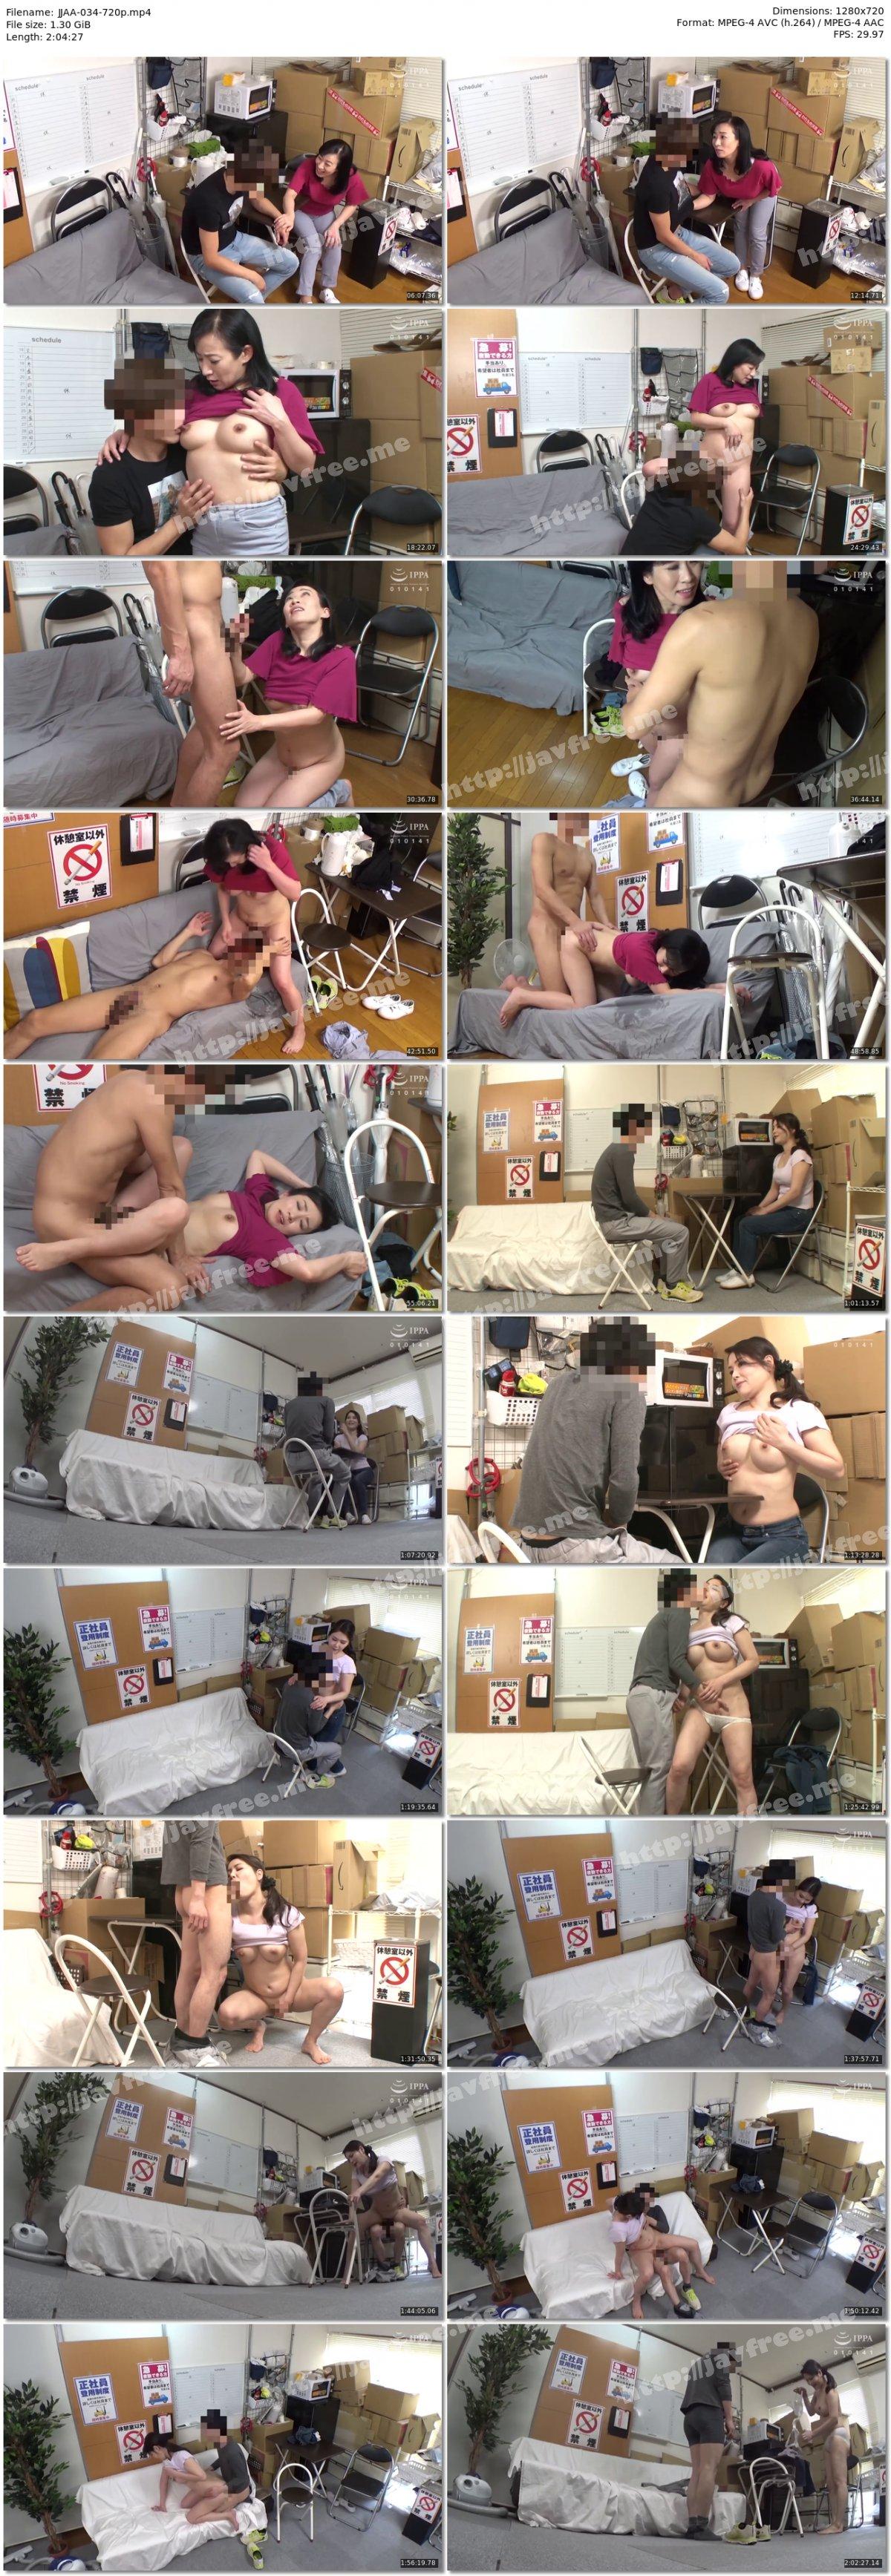 [HD][JJAA-034] パートの人妻さんが若い従業員をこっそり連れ込んで楽しむヤリ部屋になっているバイト先の休憩室09